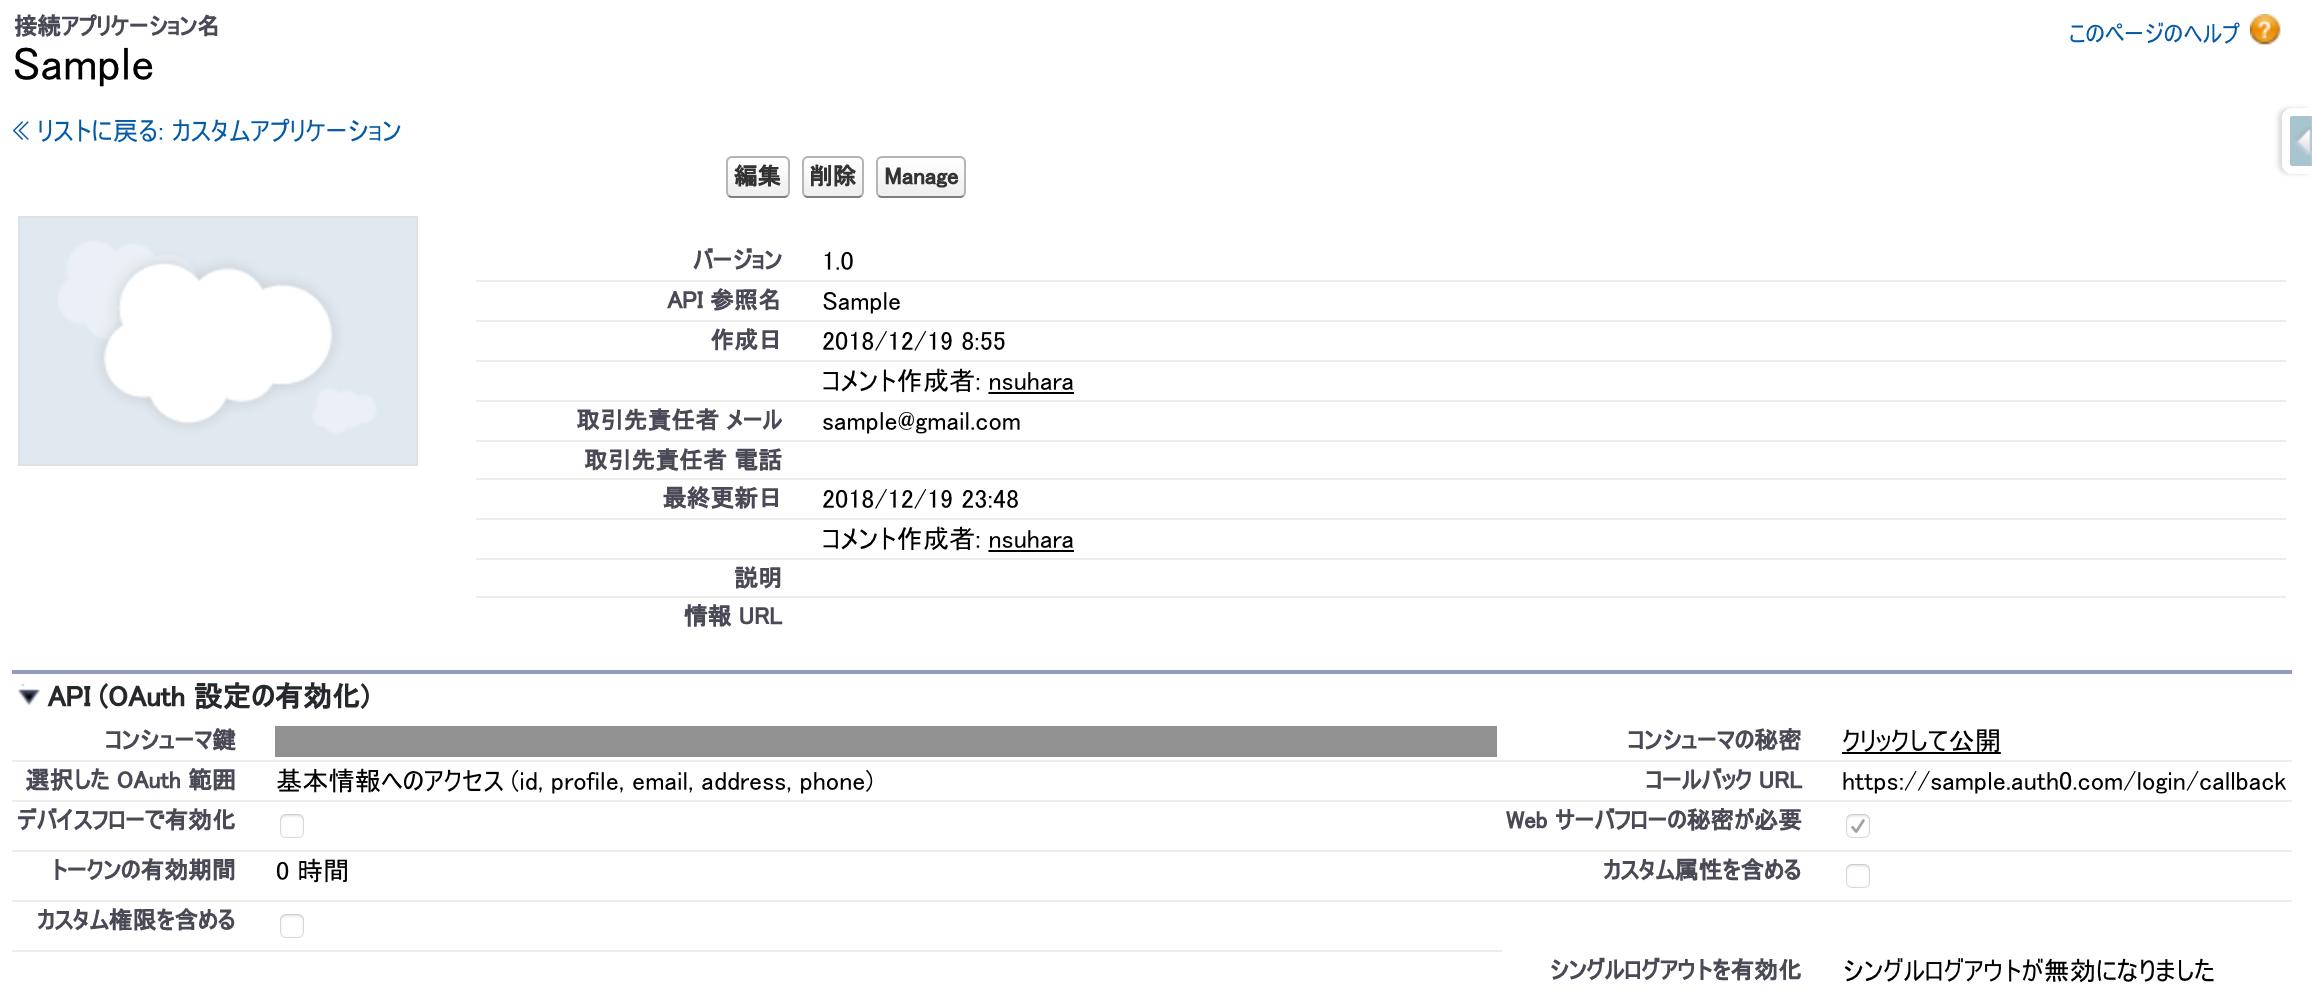 スクリーンショット 2018-12-20 0.29.33.png